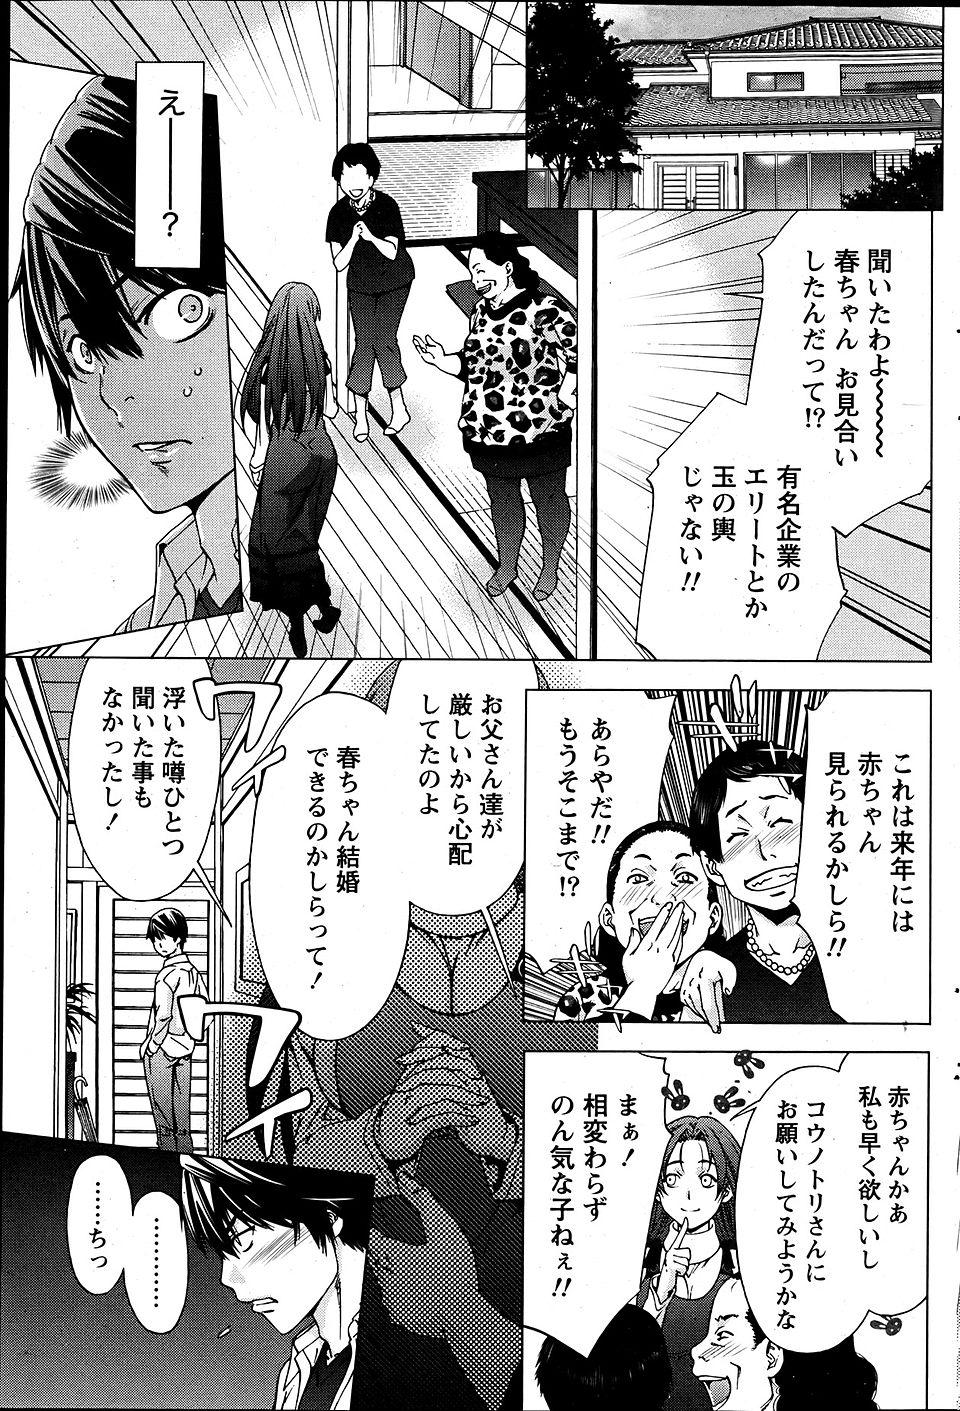 【エロ漫画・エロ同人誌】本当はエロい巨乳イトコを無理矢理エッチして本性開放したったwww (3)